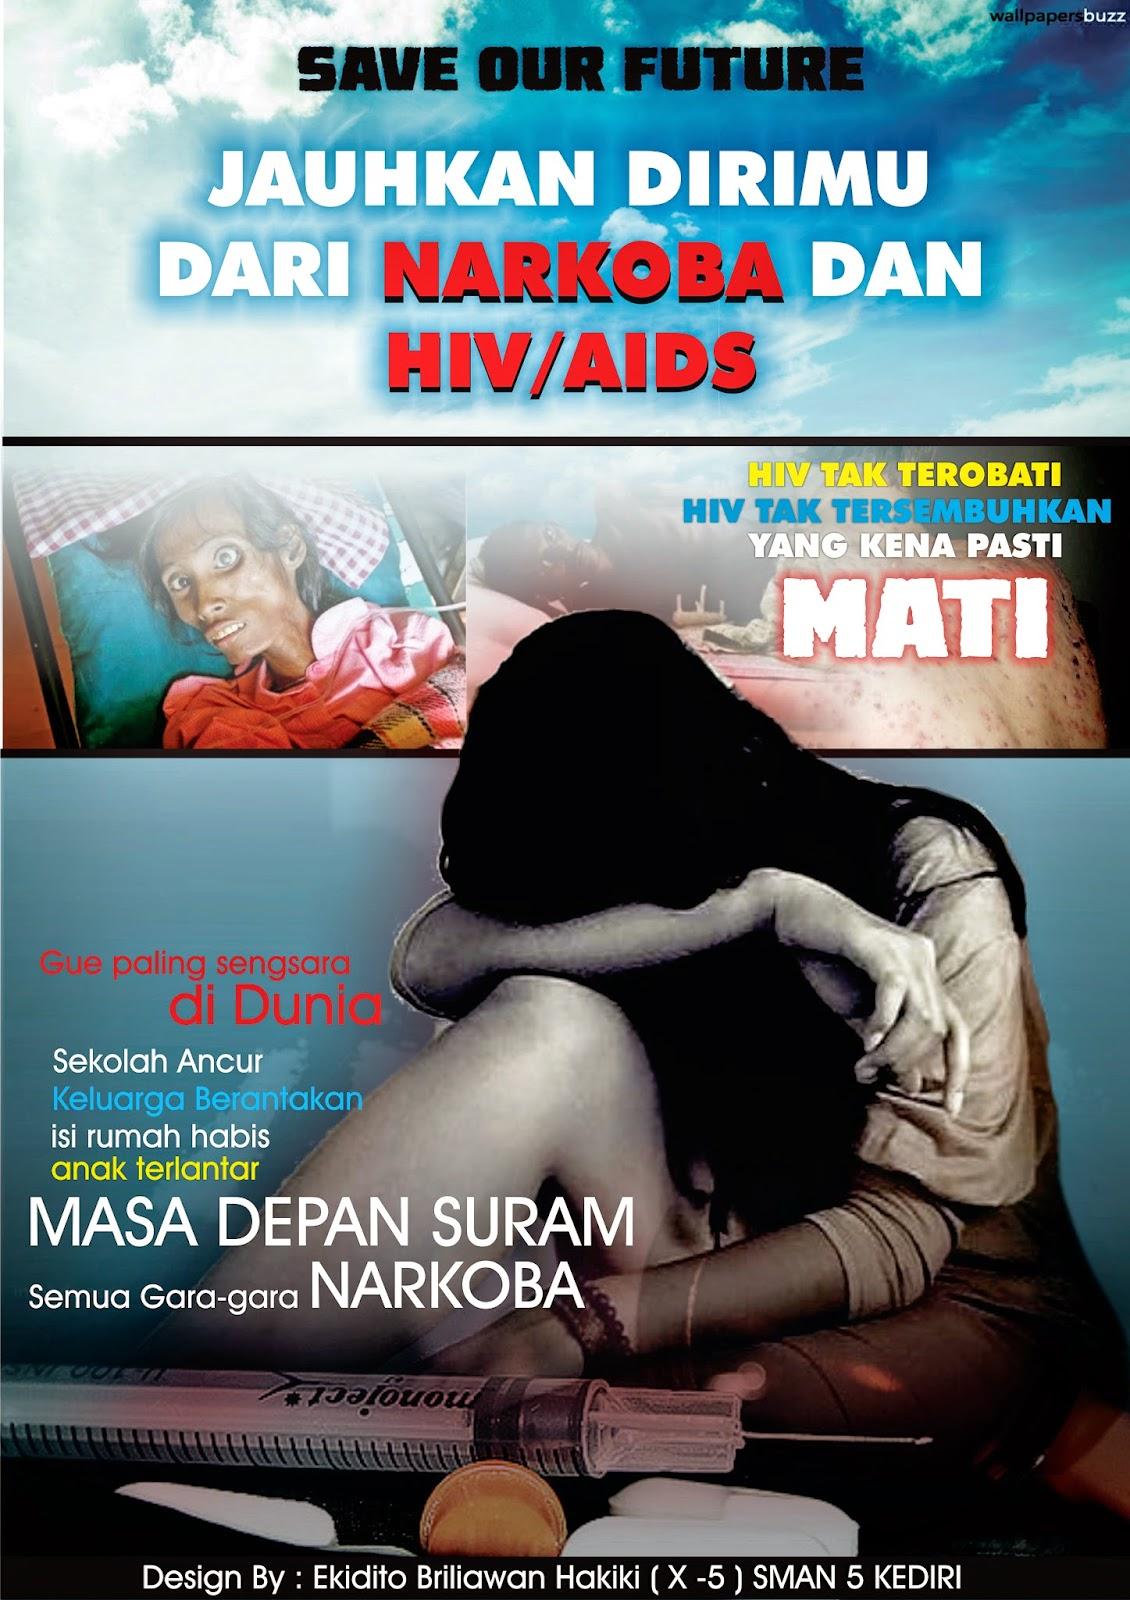 Download image Detikfoto Lomba Poster Anti Narkoba PC, Android, iPhone ...